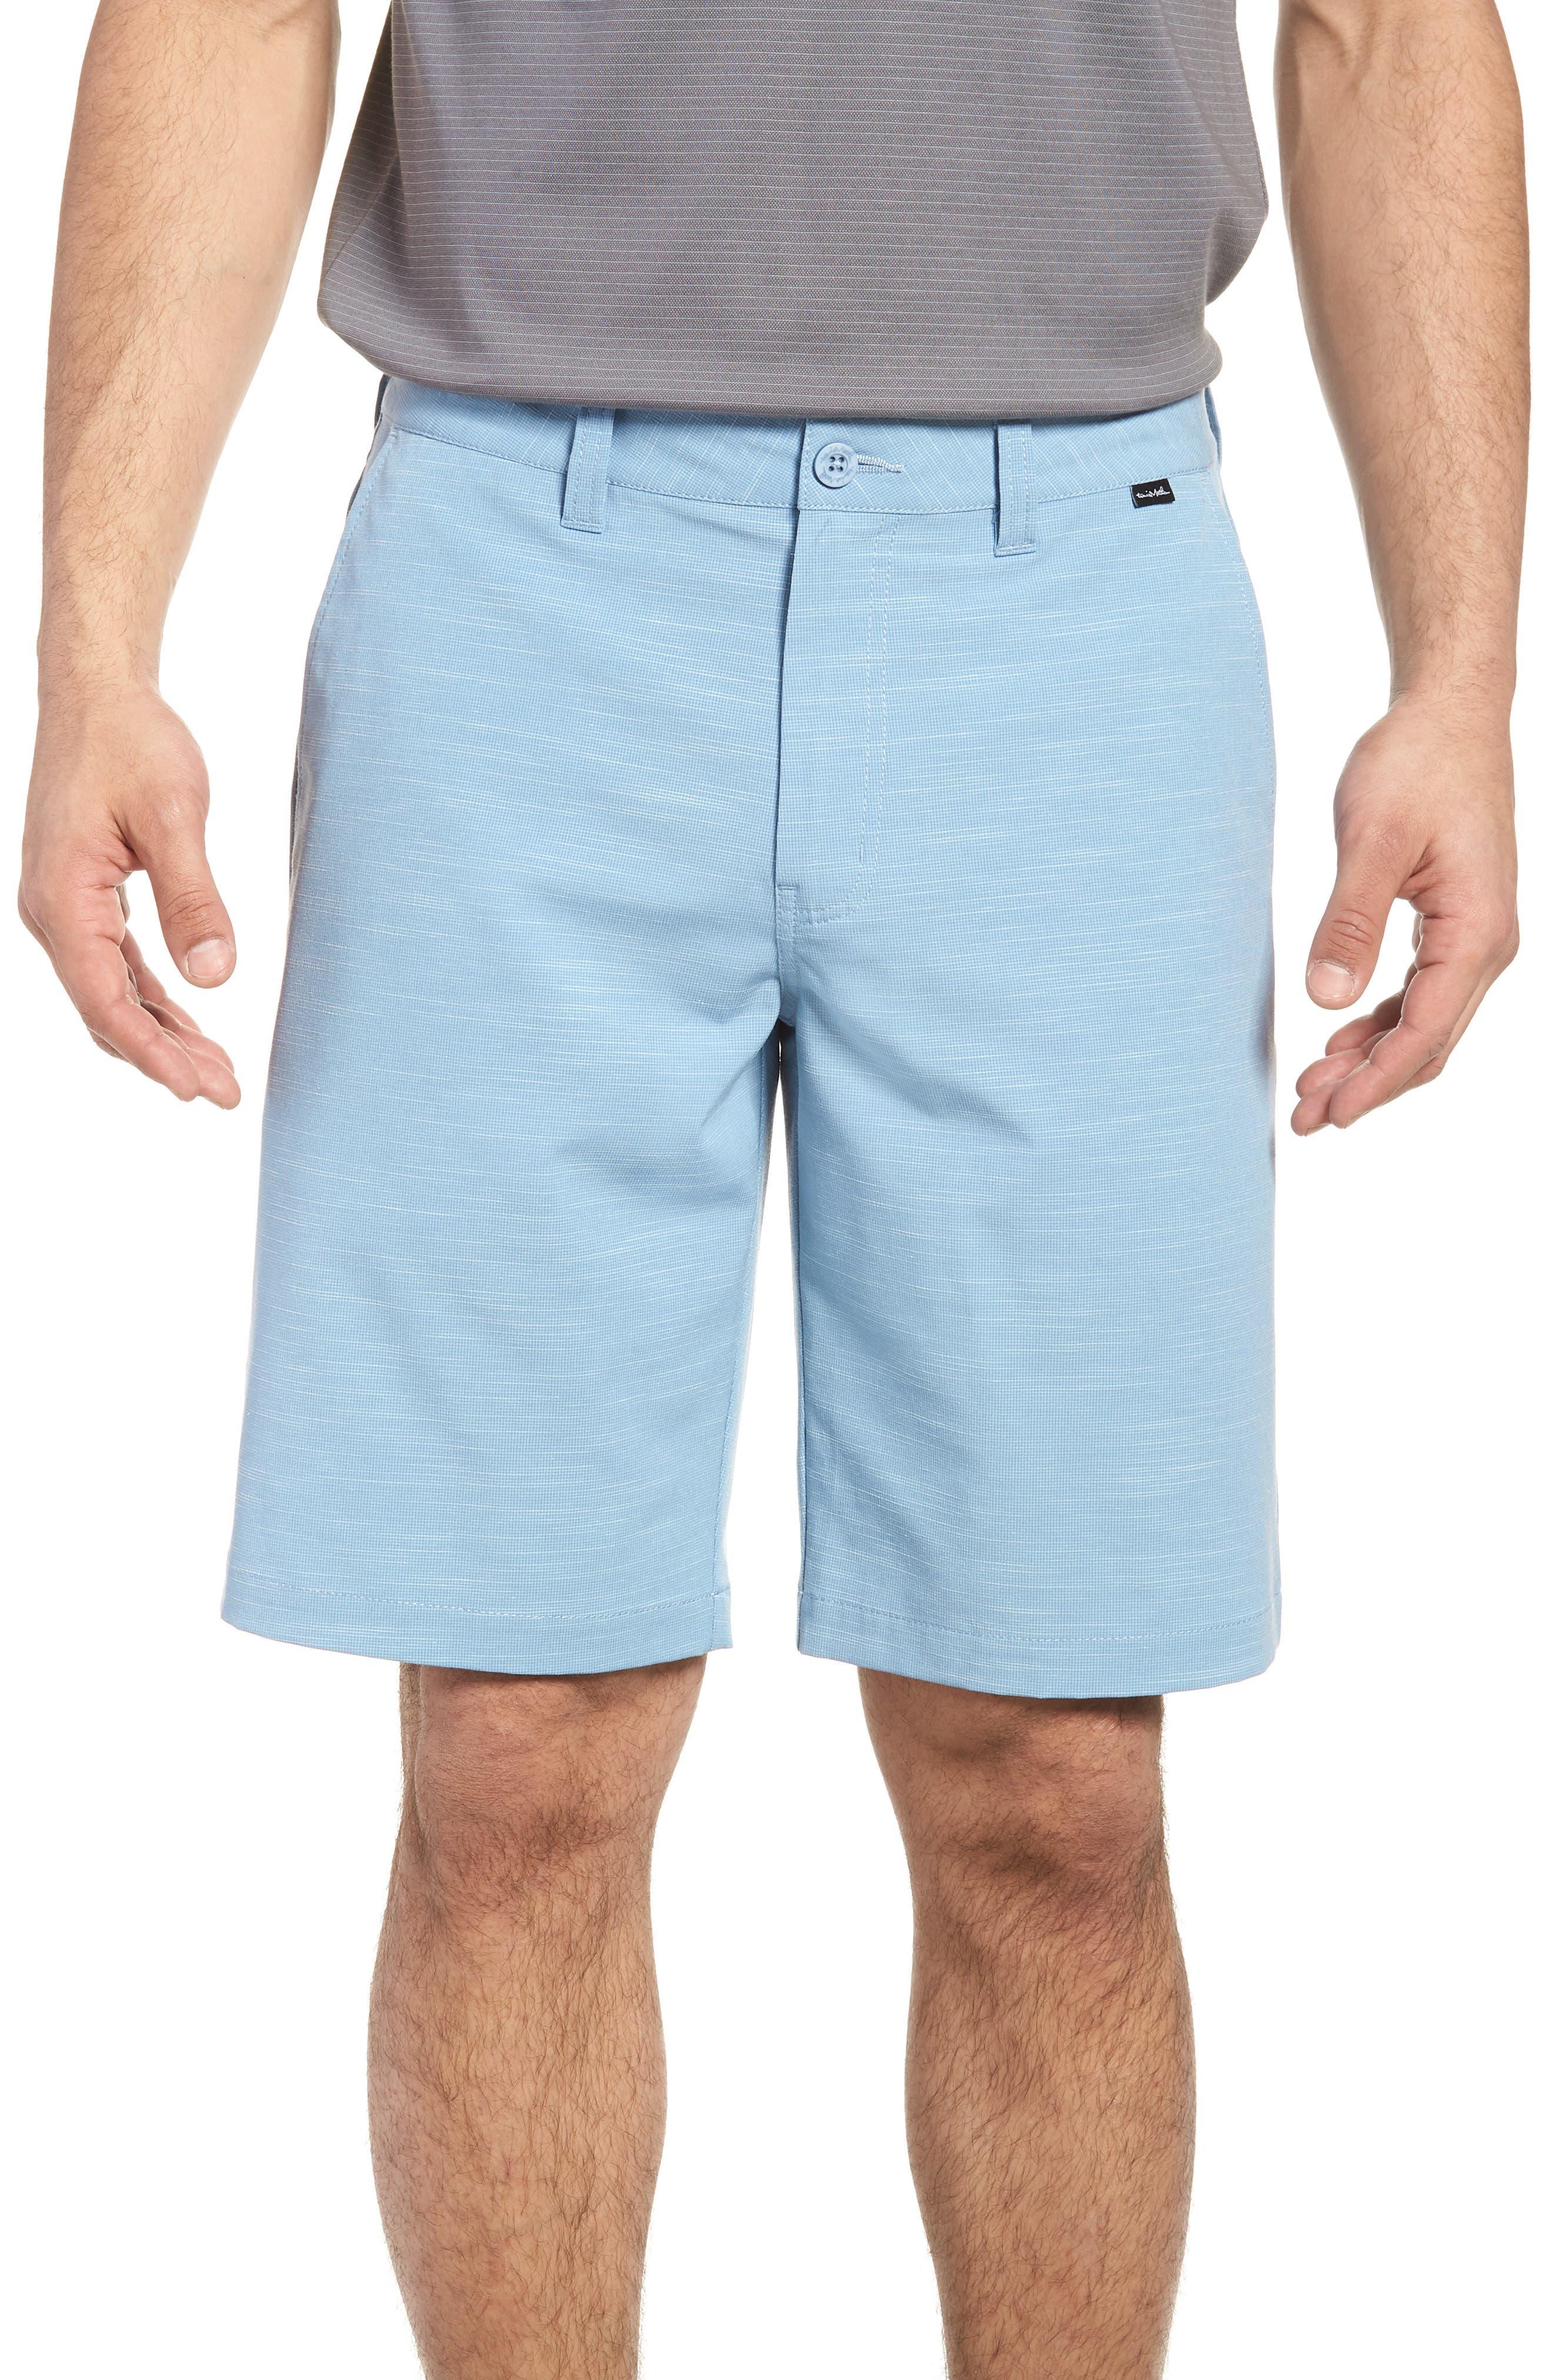 Templo Shorts,                         Main,                         color, Allure